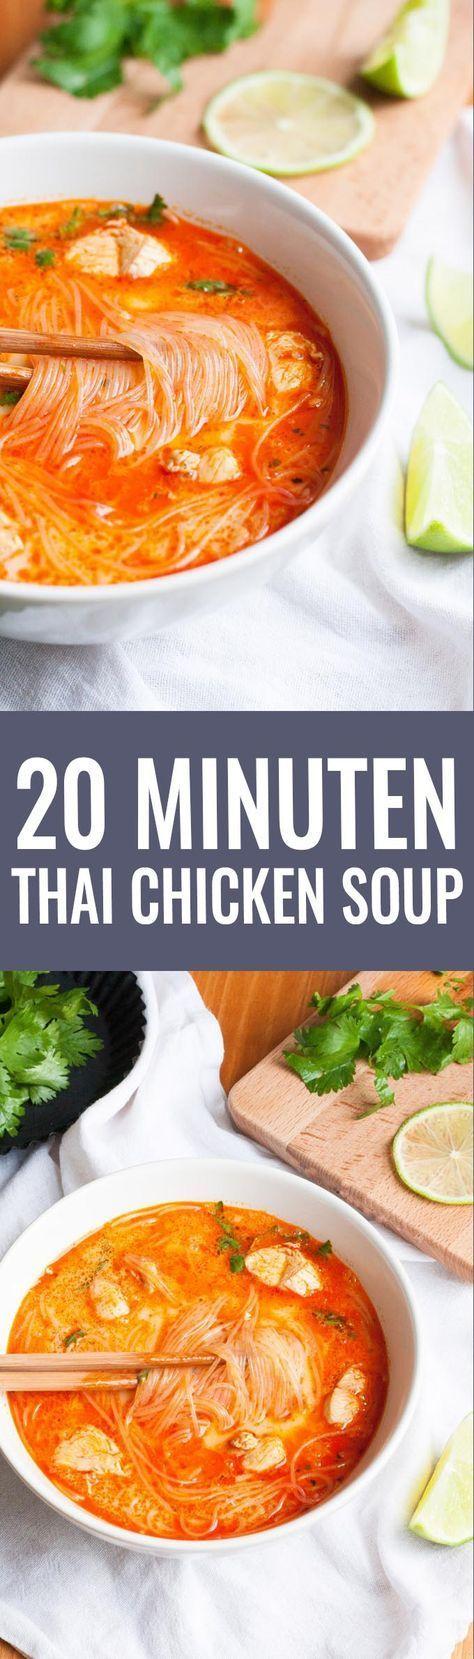 Mar 24, 2020 – 20 Minuten Thai Chicken Soup – Kochkarussell.com